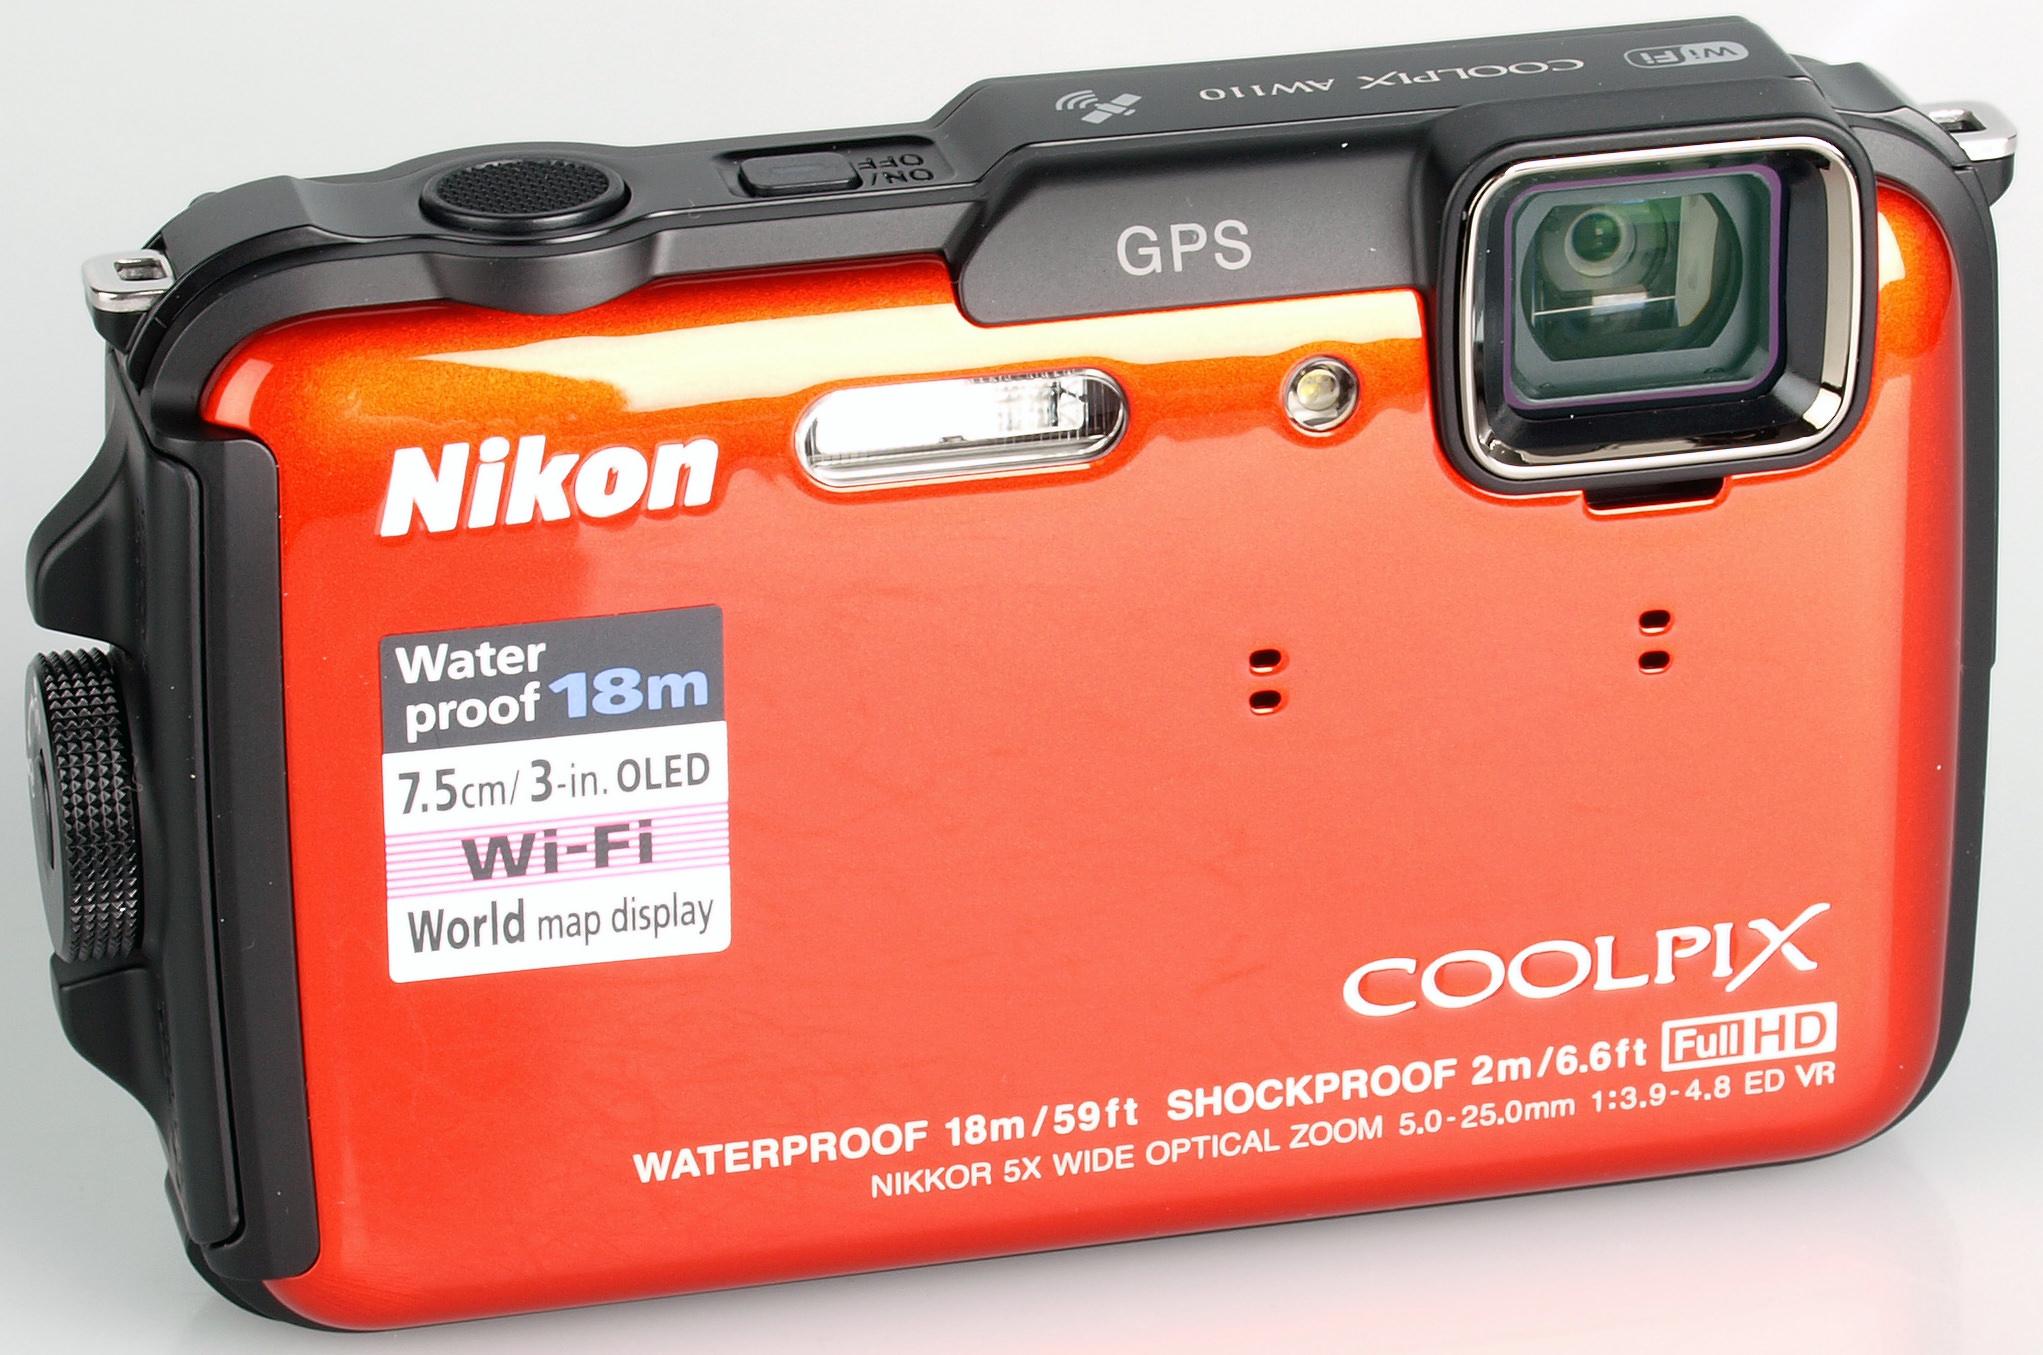 Nikon COOLPIX AW110 Camera Windows 8